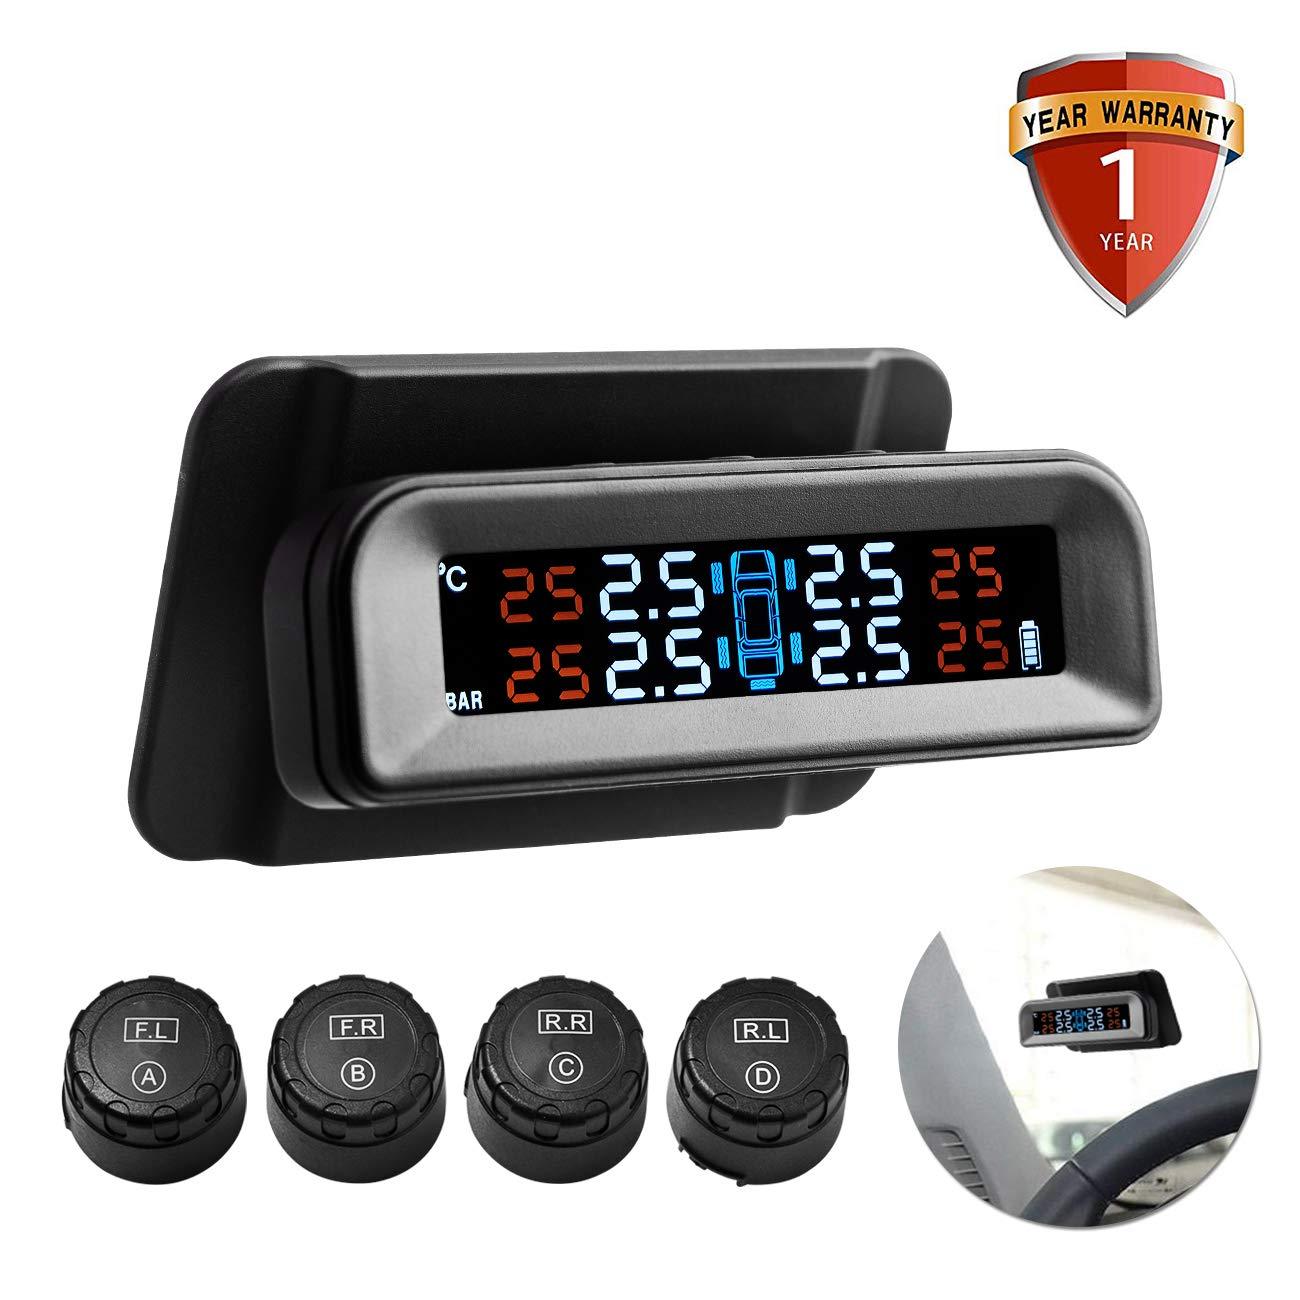 Favoto TPMS Sistema Controllo di Pressione Pneumatici per Auto 1 – 5Bar/14.5-72PSI, Monitor Pneumatici con Display LCD, 4 Sensori Esterni, Possibile di Essere Installato sulla Parabrezza FTEU-TPMS-C260